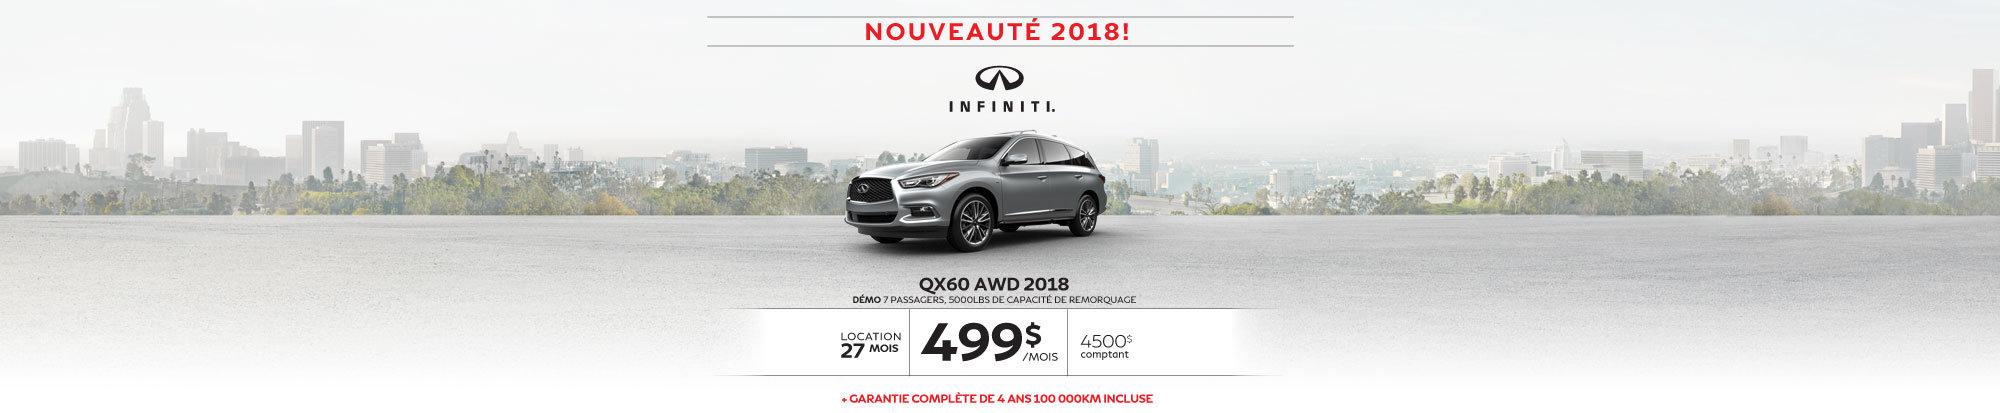 QX60 2018 web